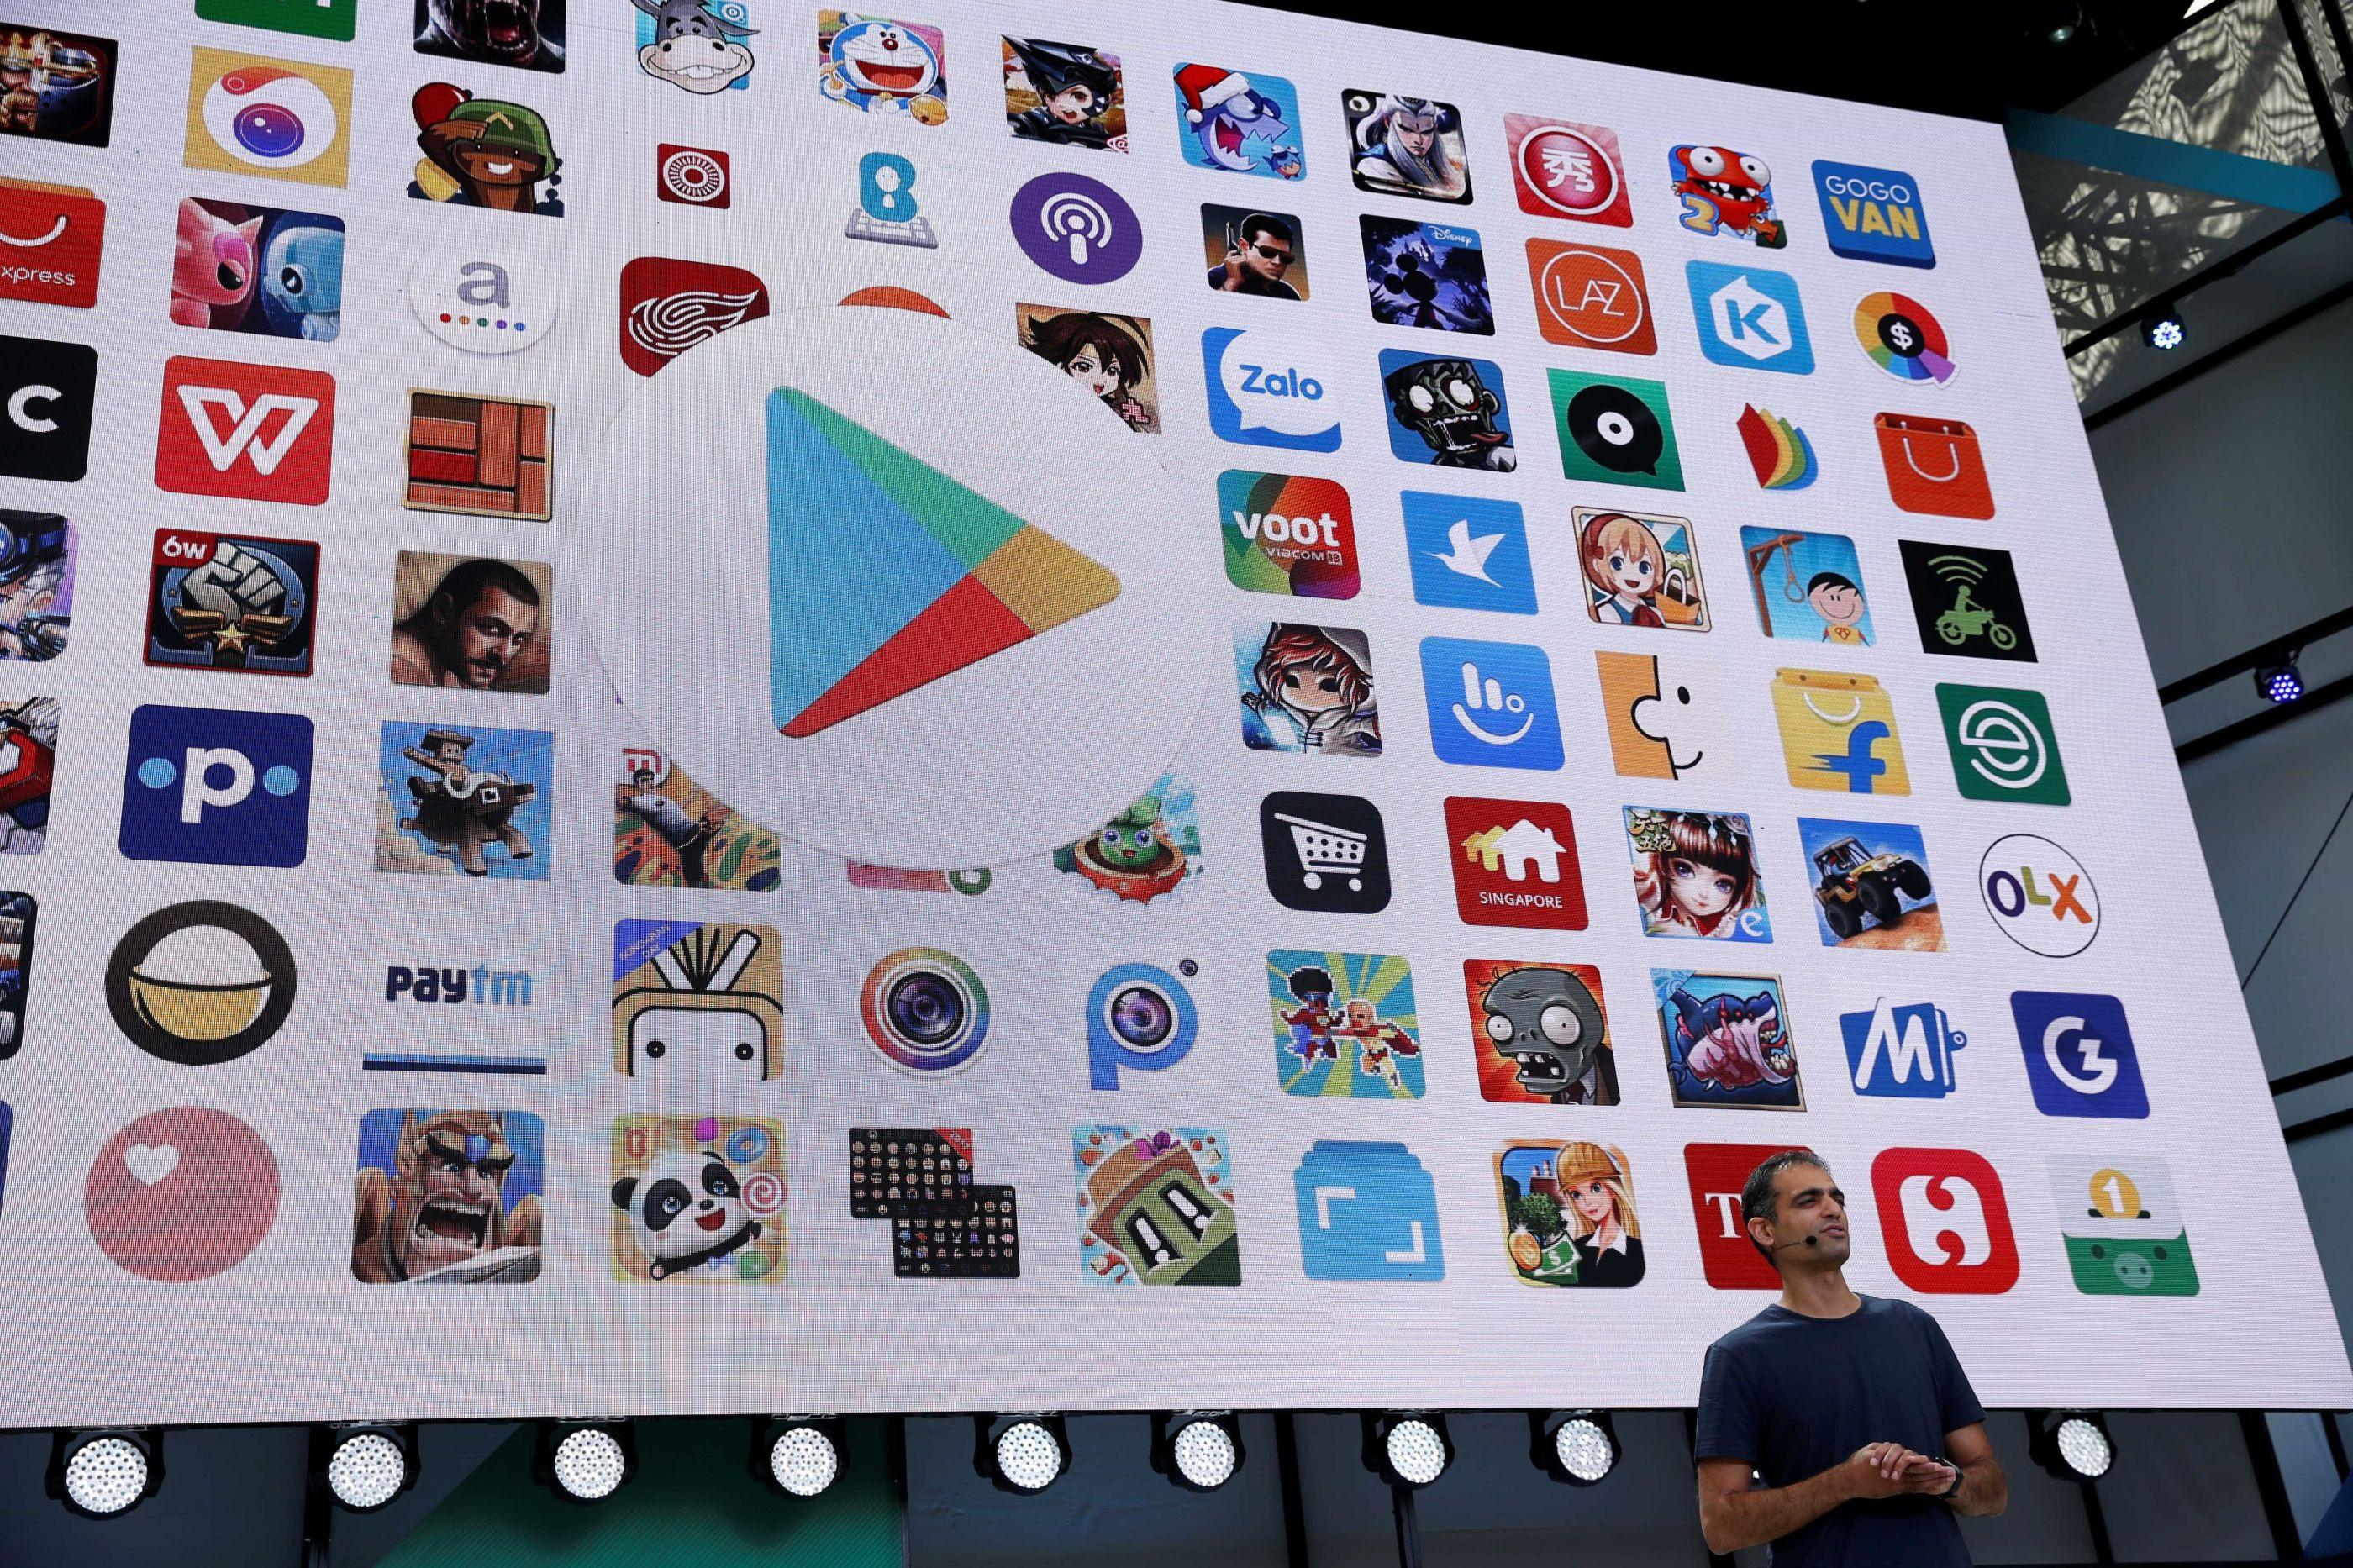 Tenha cuidado com as apps que usa. Google removeu 29 apps de fotografia